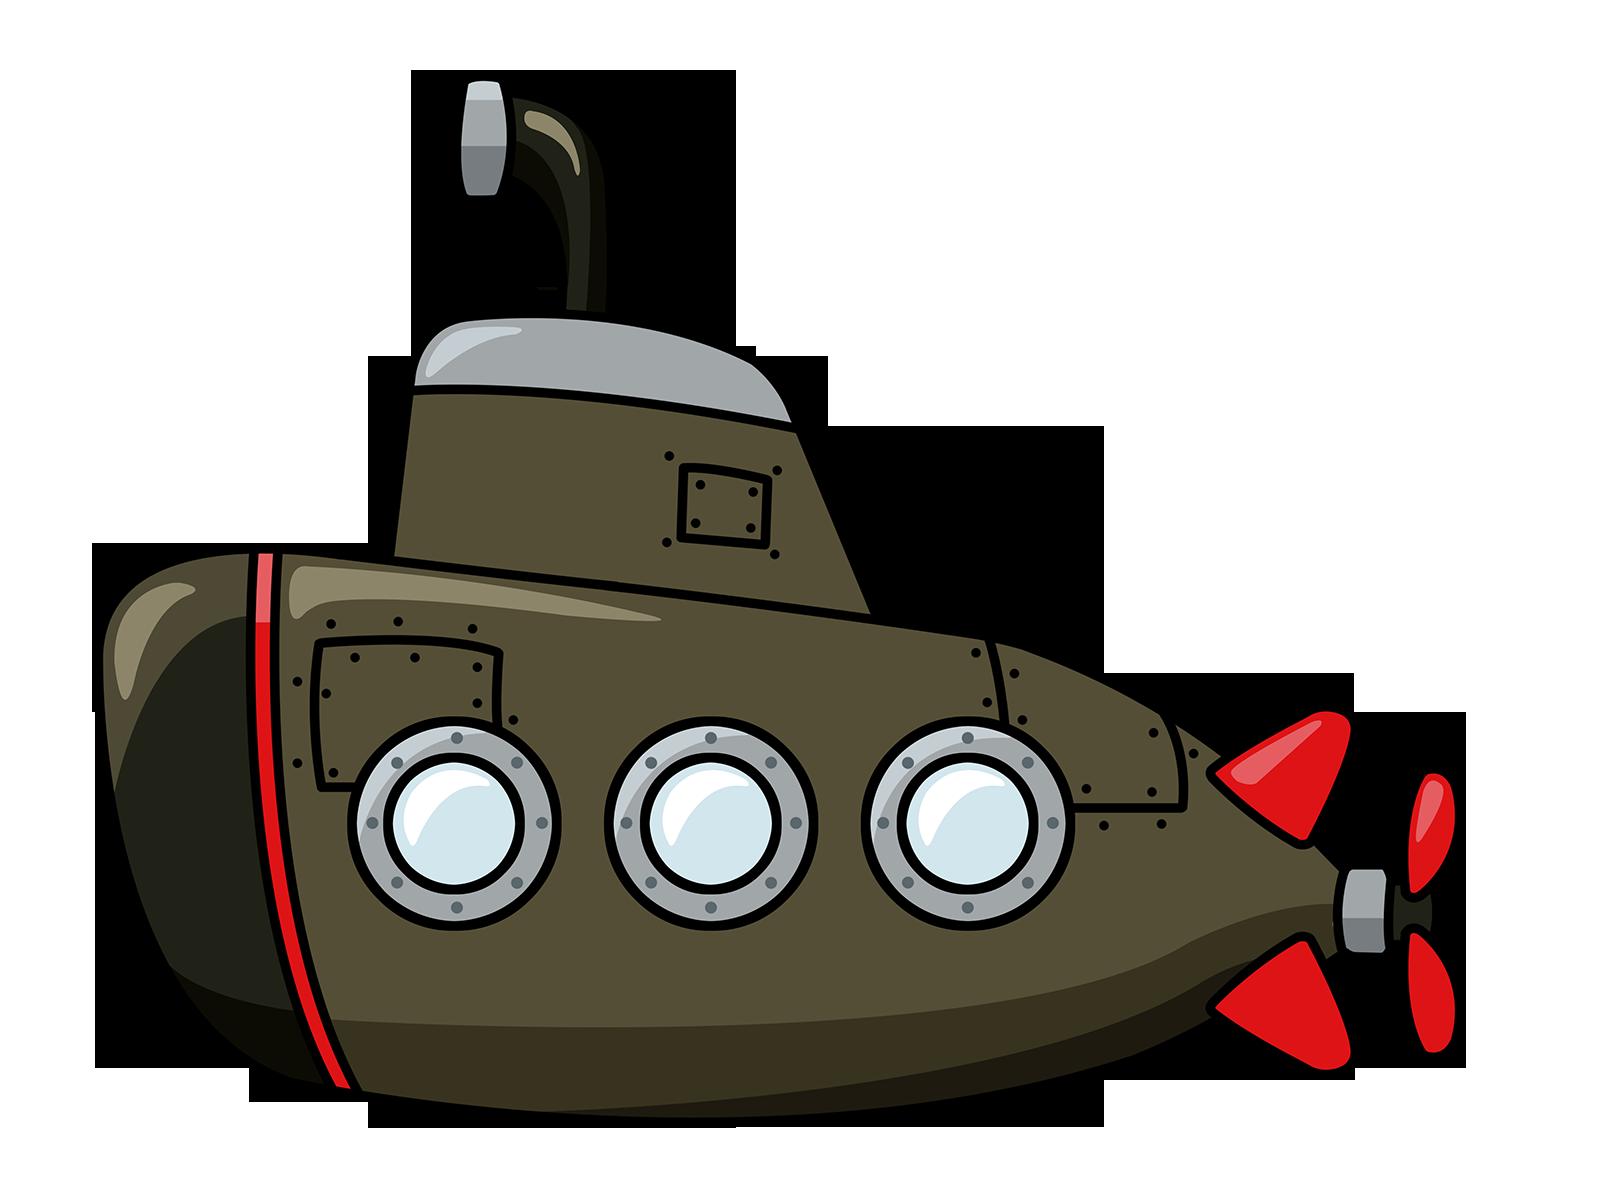 Cartoon Submarines - Cliparts.co